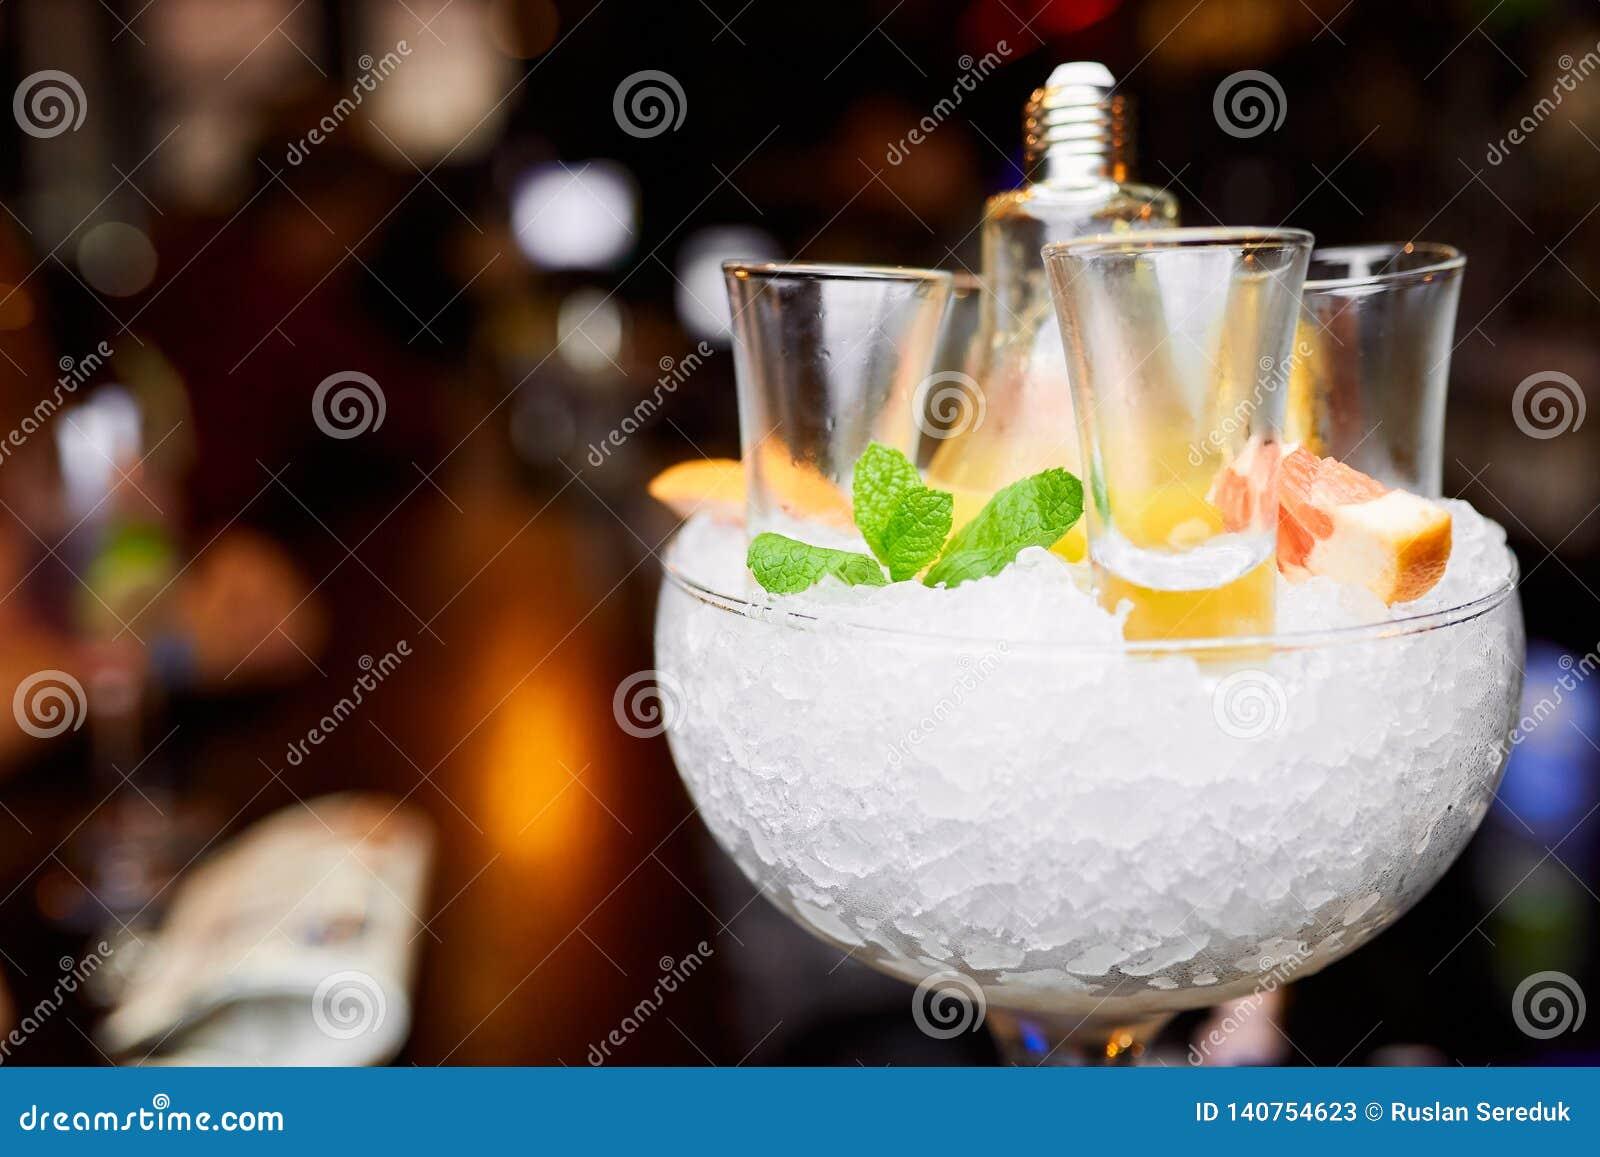 Lege schoten in een glas met ijs dat met munt en grapefruit wordt verfraaid